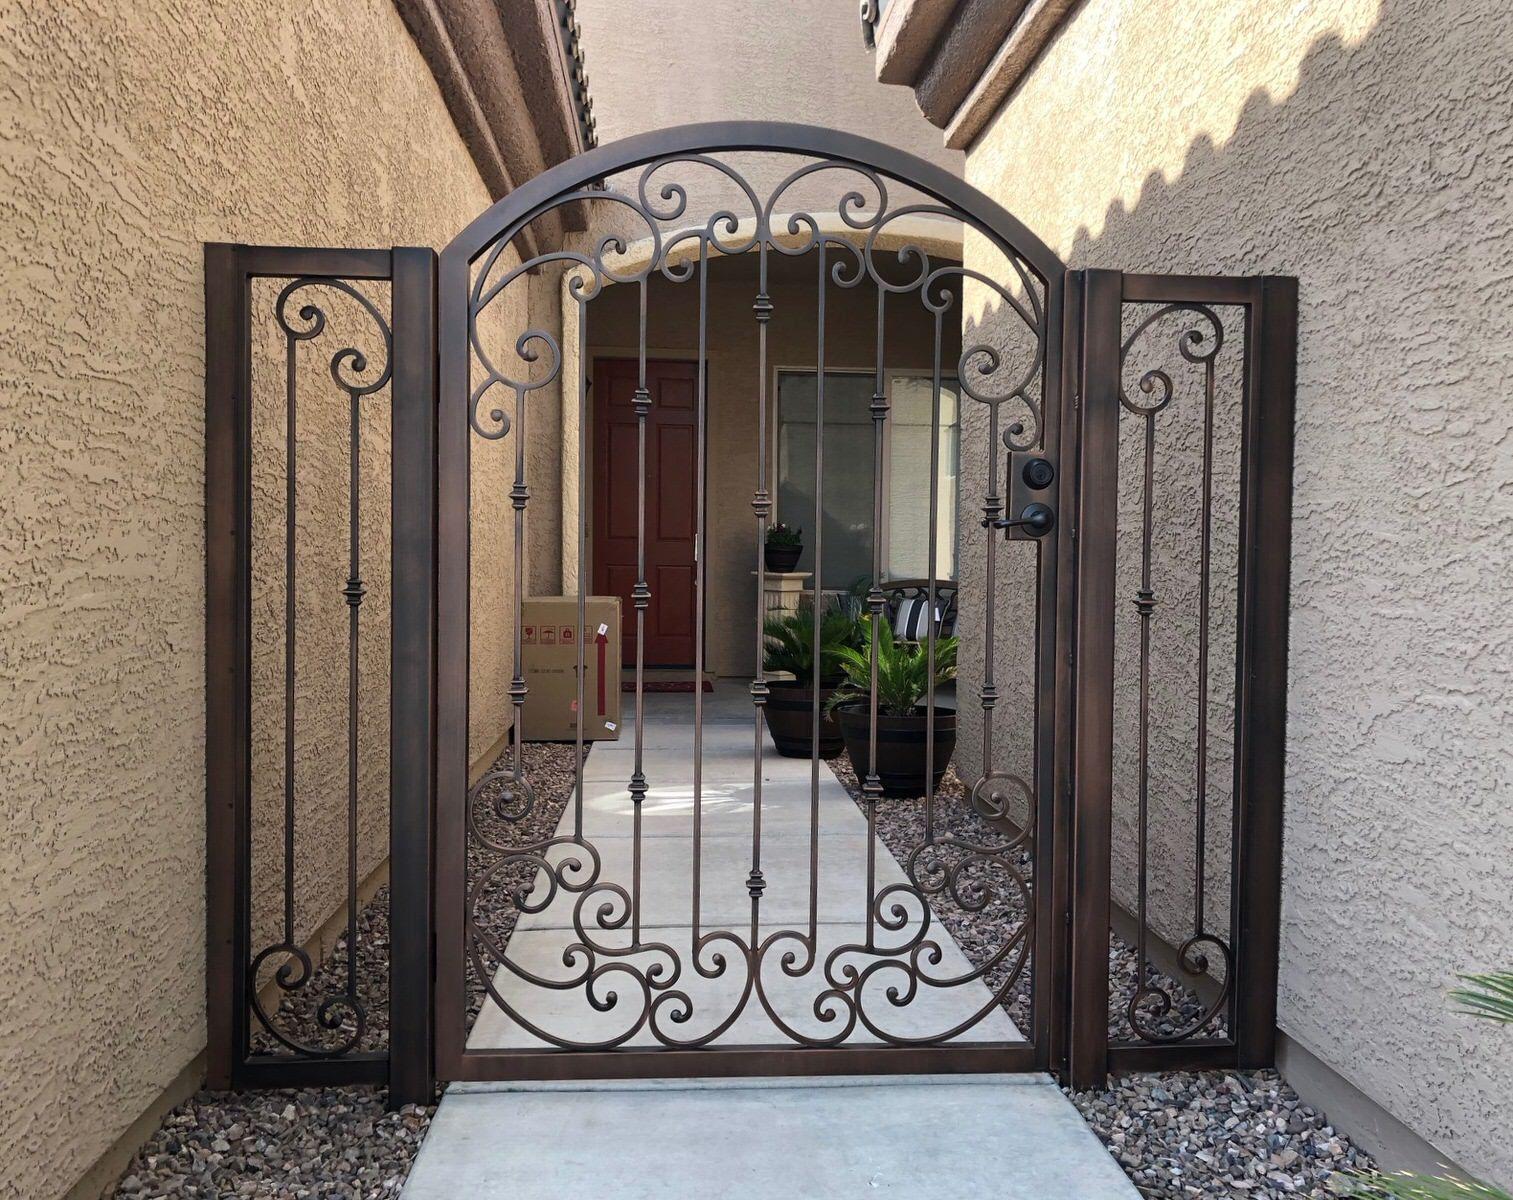 Wrought Iron Gates Ornamental Gates Wrought Iron Gates Iron